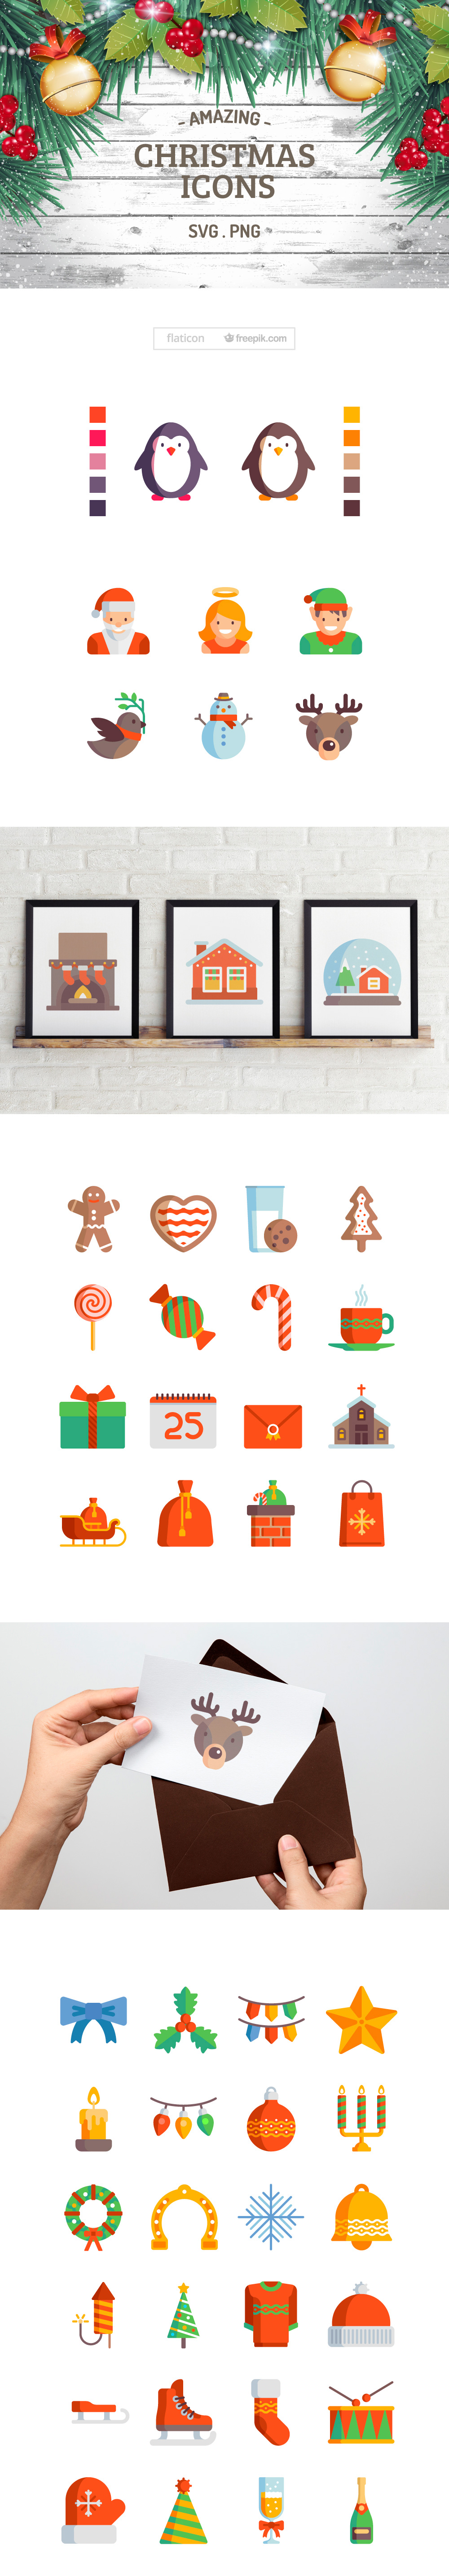 Free Amazing Christmas Icons